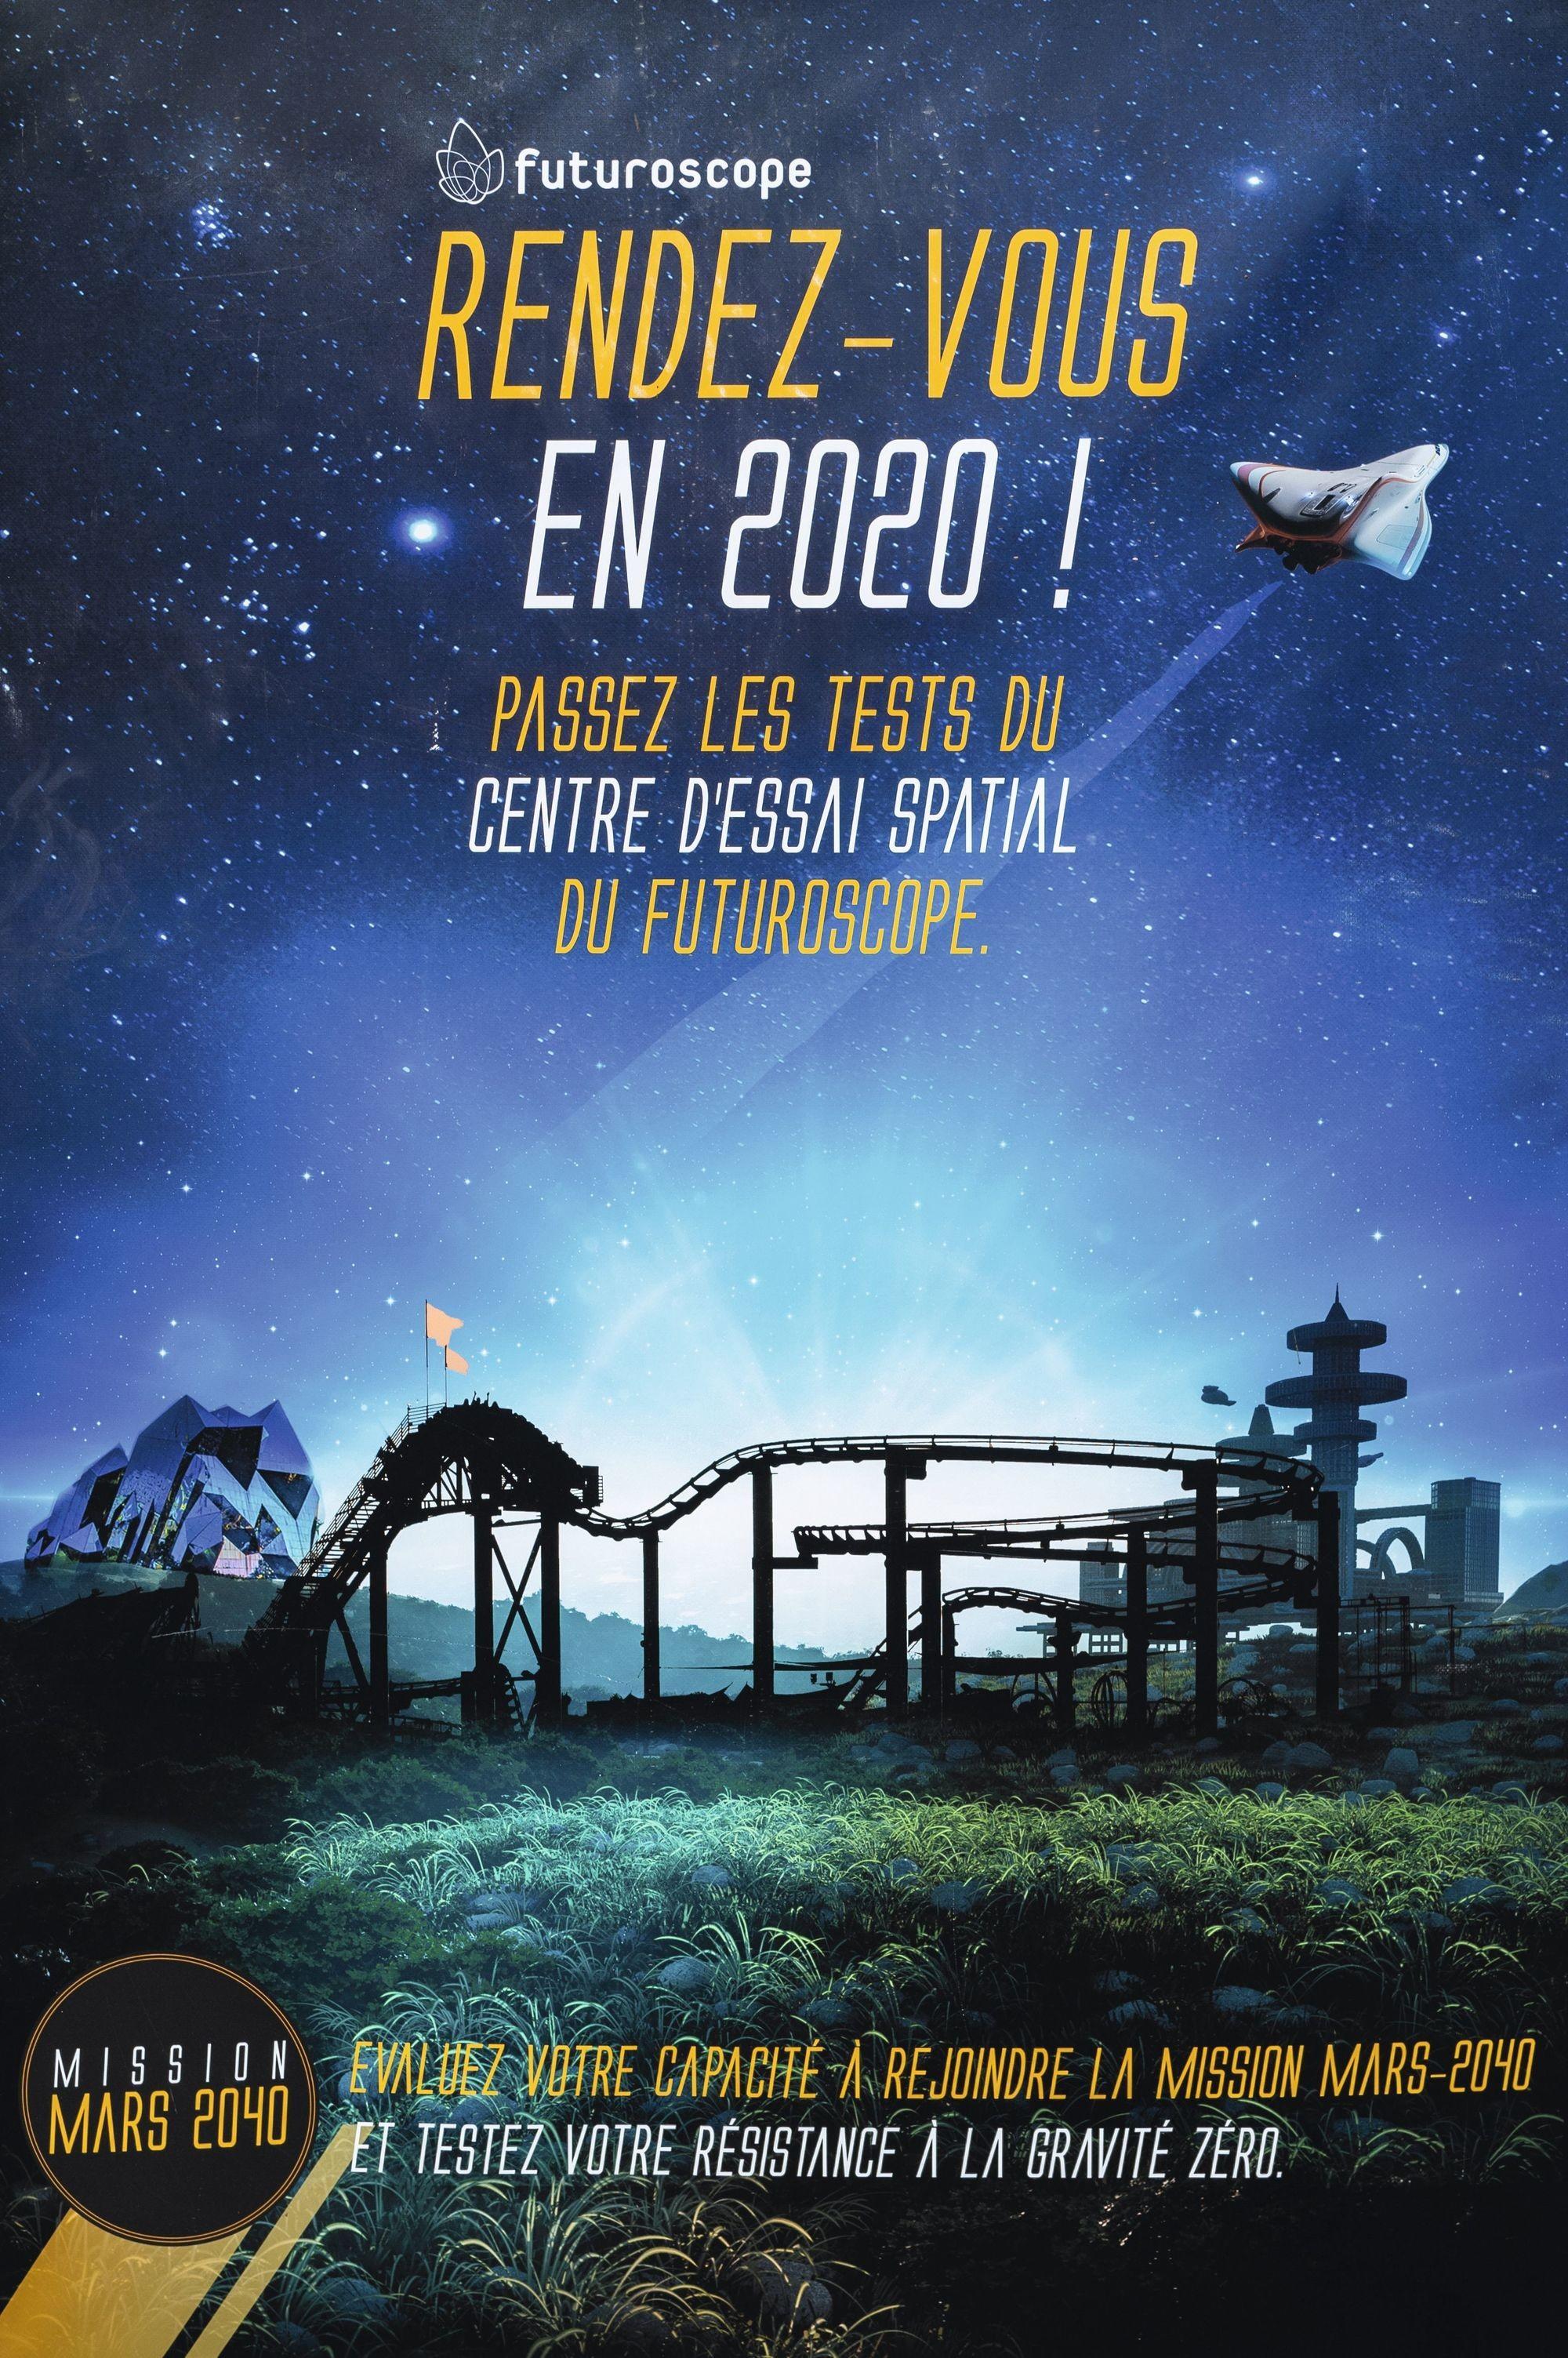 Affiches promotionnelles réalisées par le parc du Futuroscope, 2019